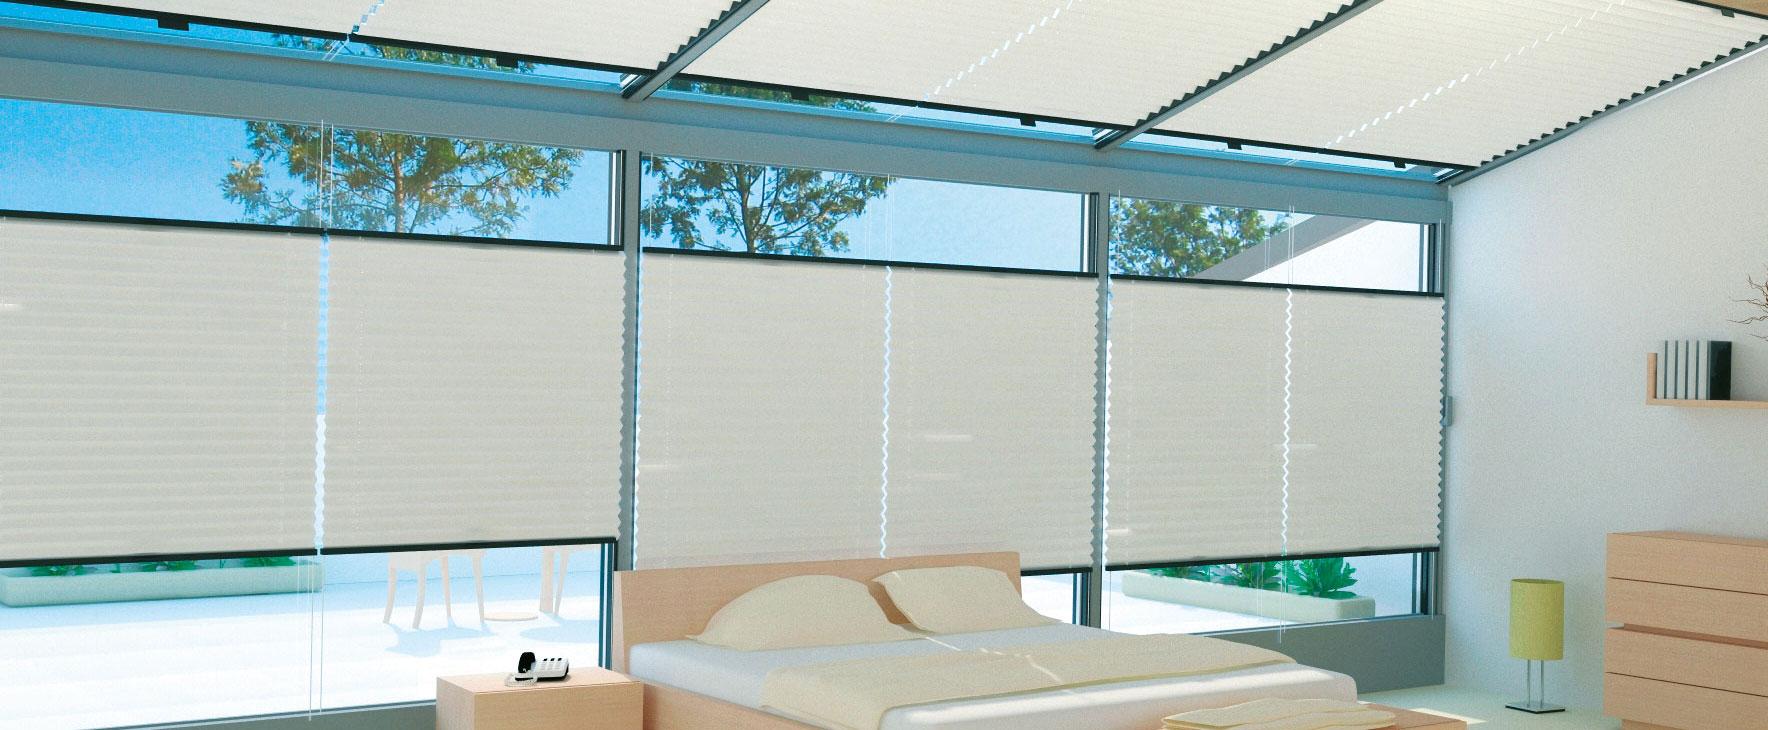 plissees ohne bohren rasche plissee montage ohne bohren per klemmen oder kleben plissee. Black Bedroom Furniture Sets. Home Design Ideas